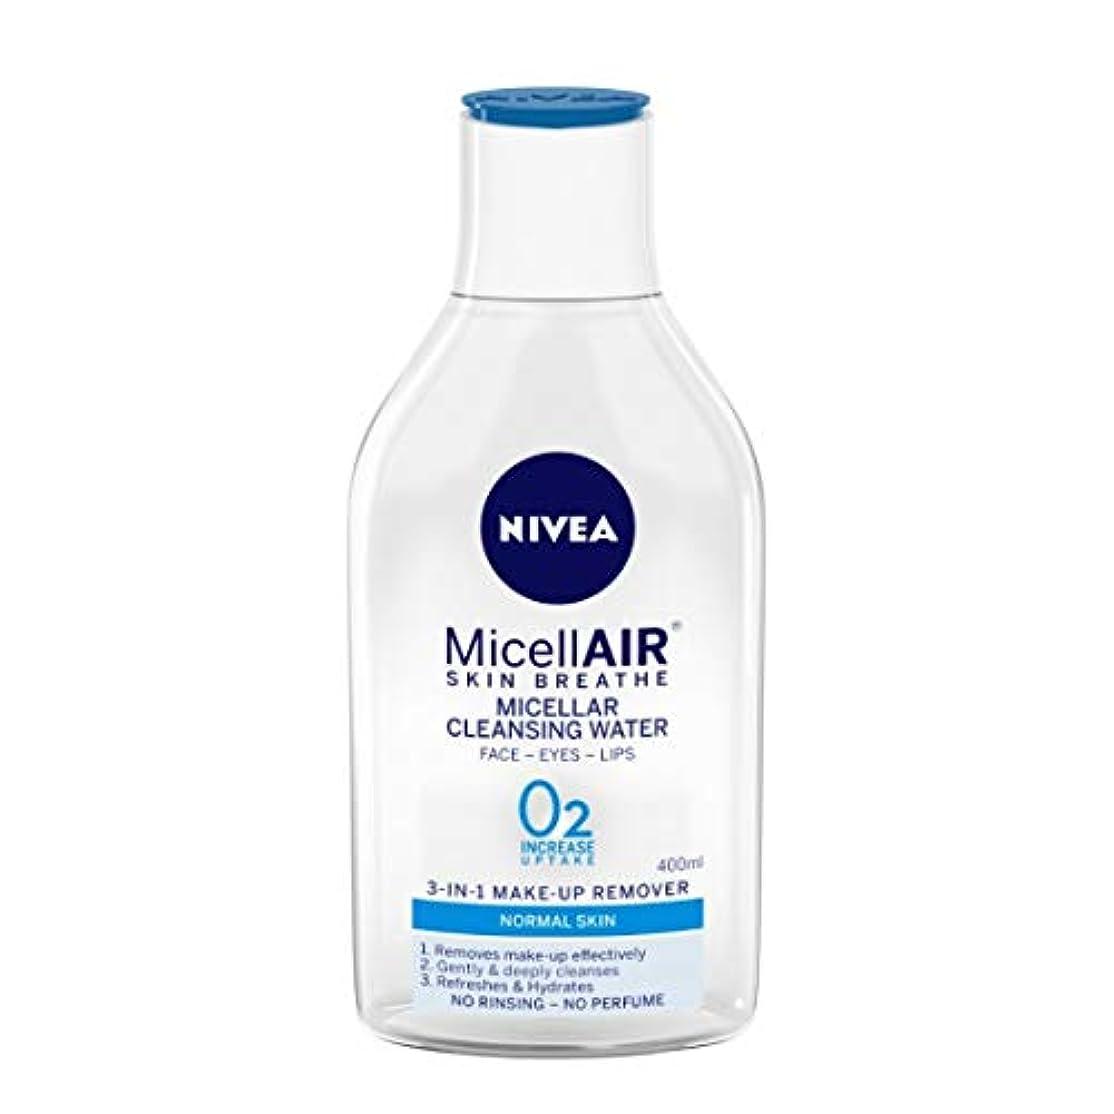 部分天井征服NIVEA Micellar Cleansing Water, MicellAIR Skin Breathe Make Up Remover, 400ml